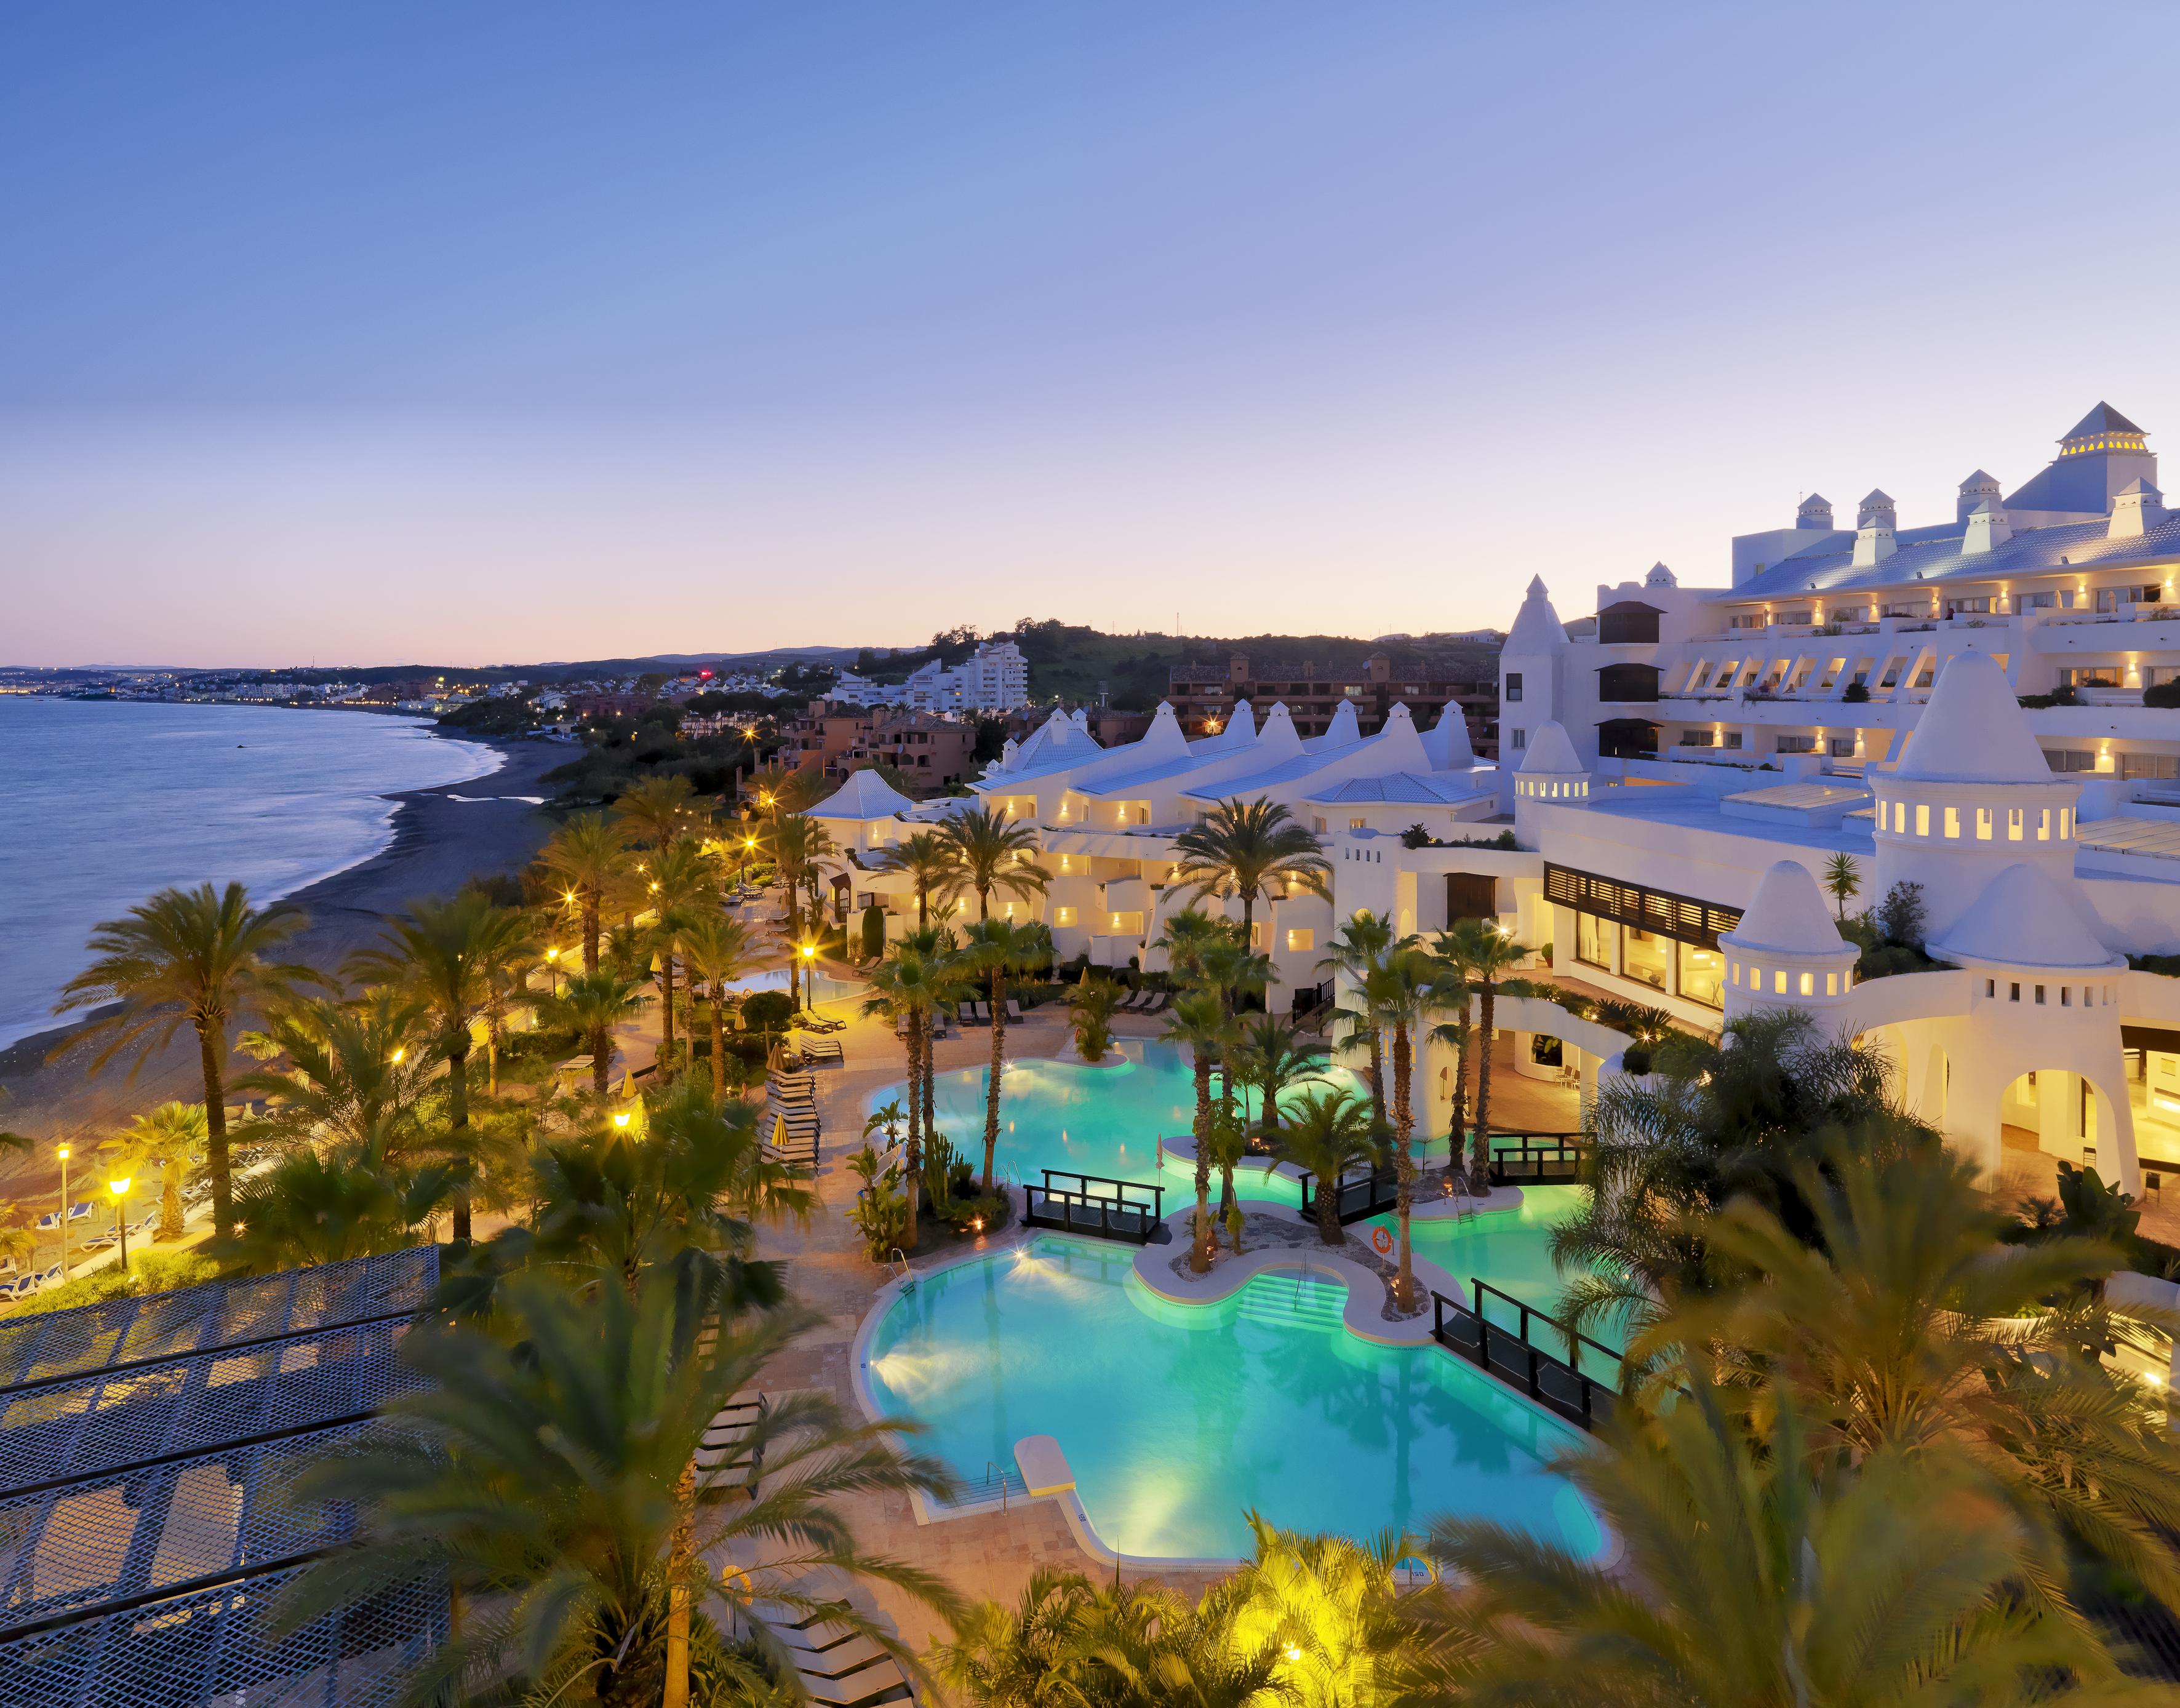 Hoteles con spa en estepona espa a viajes el corte ingl s for Hoteles recomendados en madrid